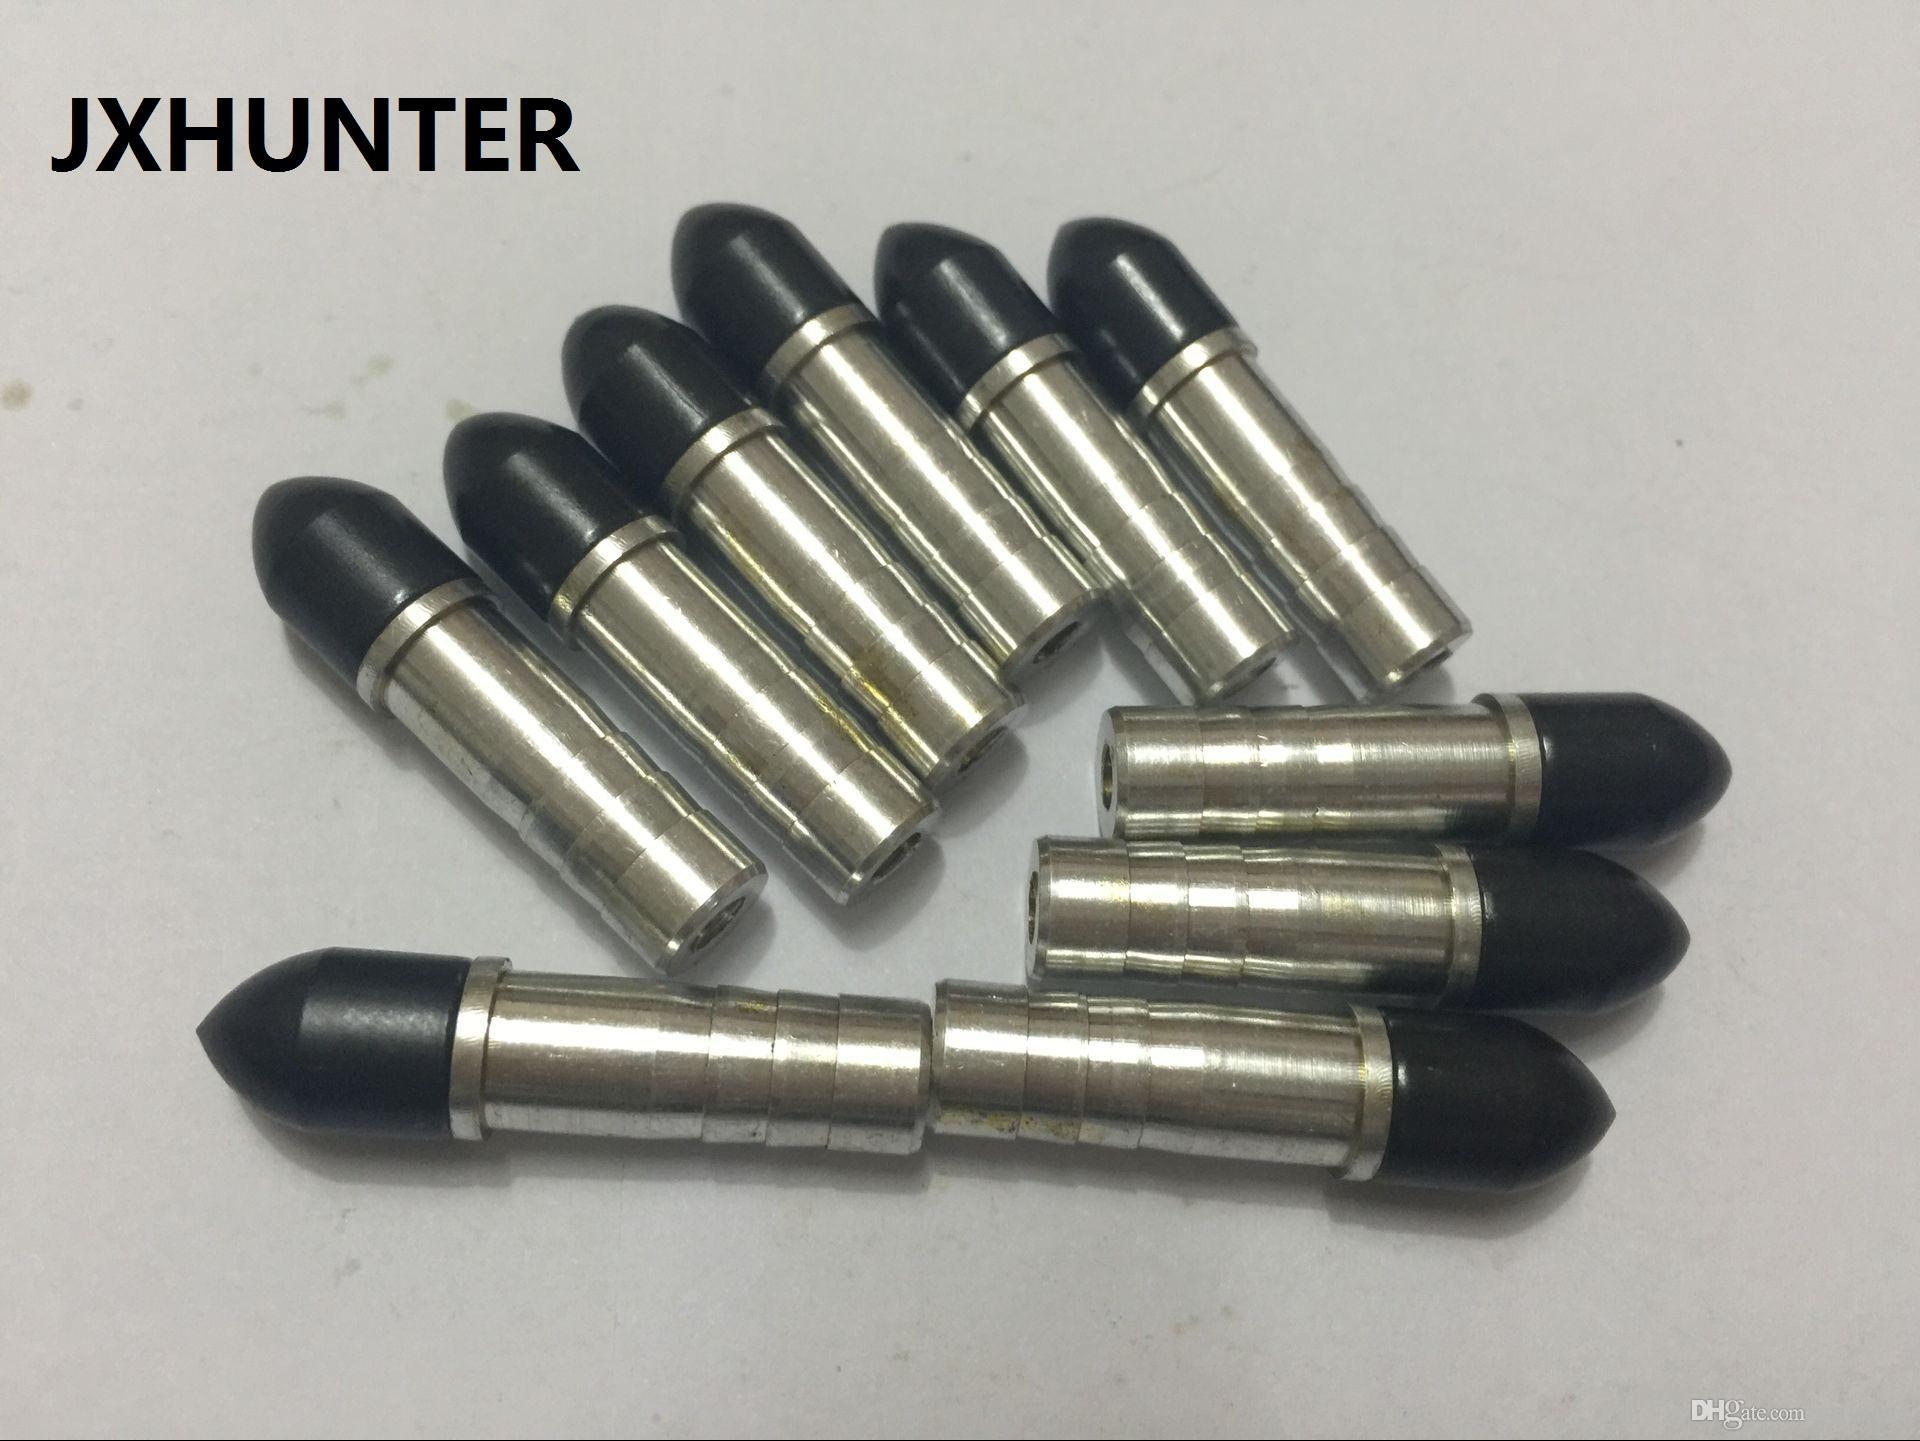 50 conjuntos Crossbow arrow field point com inserção de flecha de alumínio para caça de caça OD 7.6mm